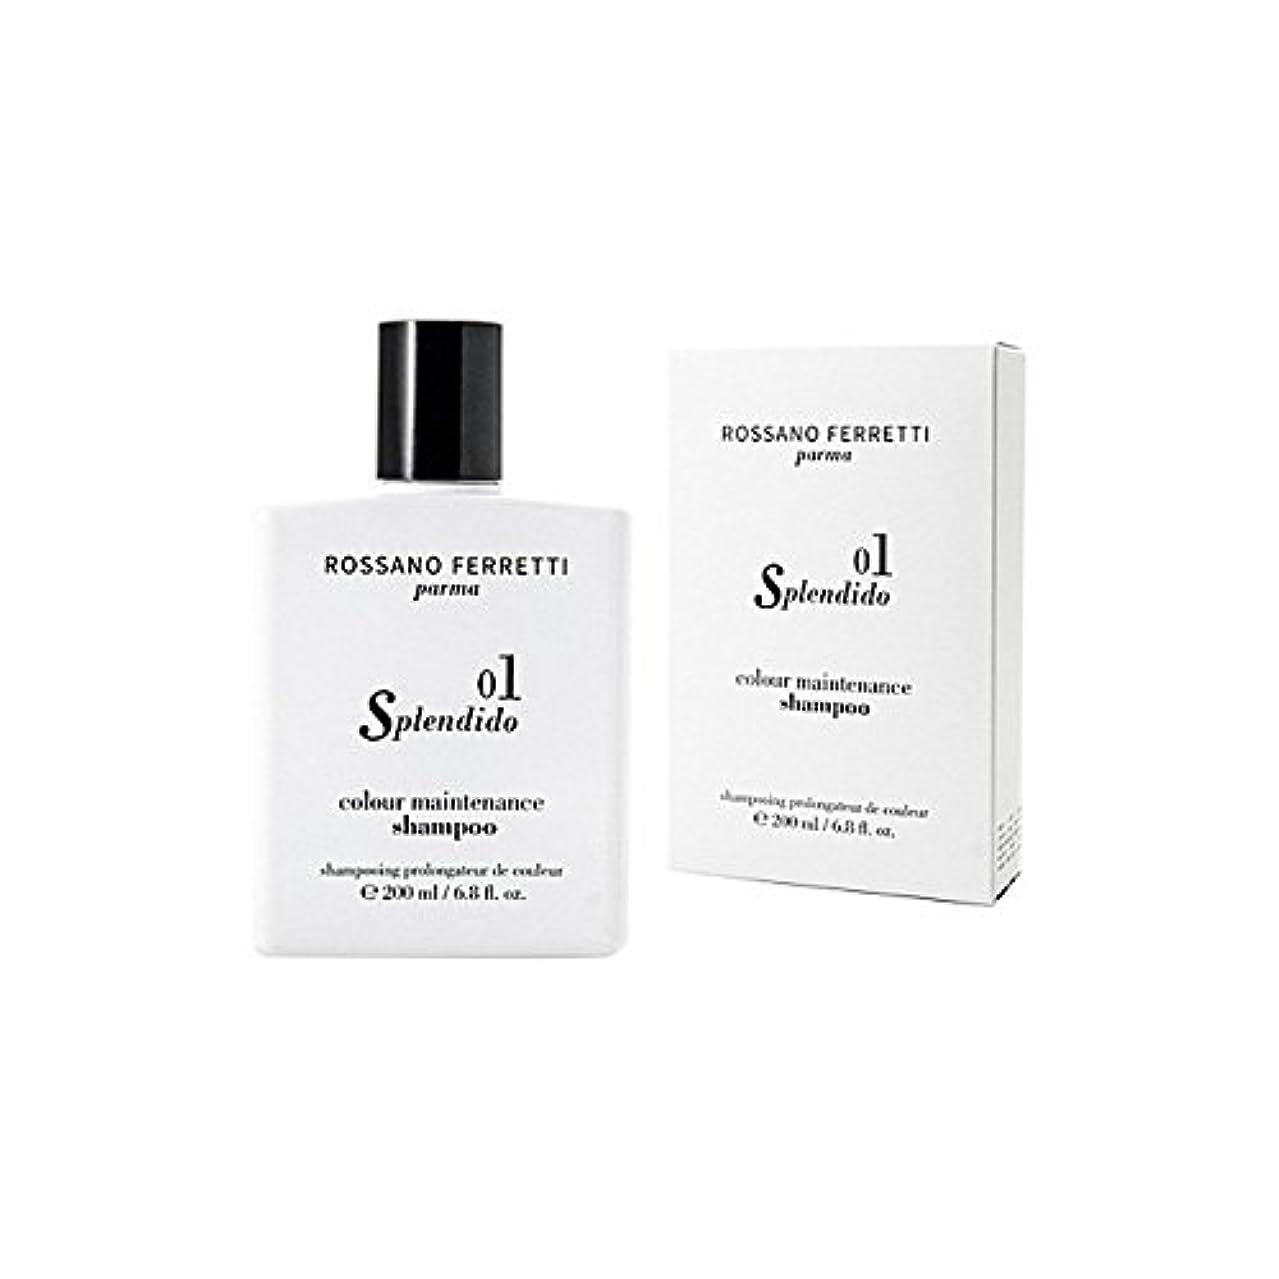 バンク工場ショートロッサノフェレッティパルマスプレンディードカラーメンテナンスシャンプー200ミリリットル x4 - Rossano Ferretti Parma Splendido Colour Maintenance Shampoo 200ml (Pack of 4) [並行輸入品]